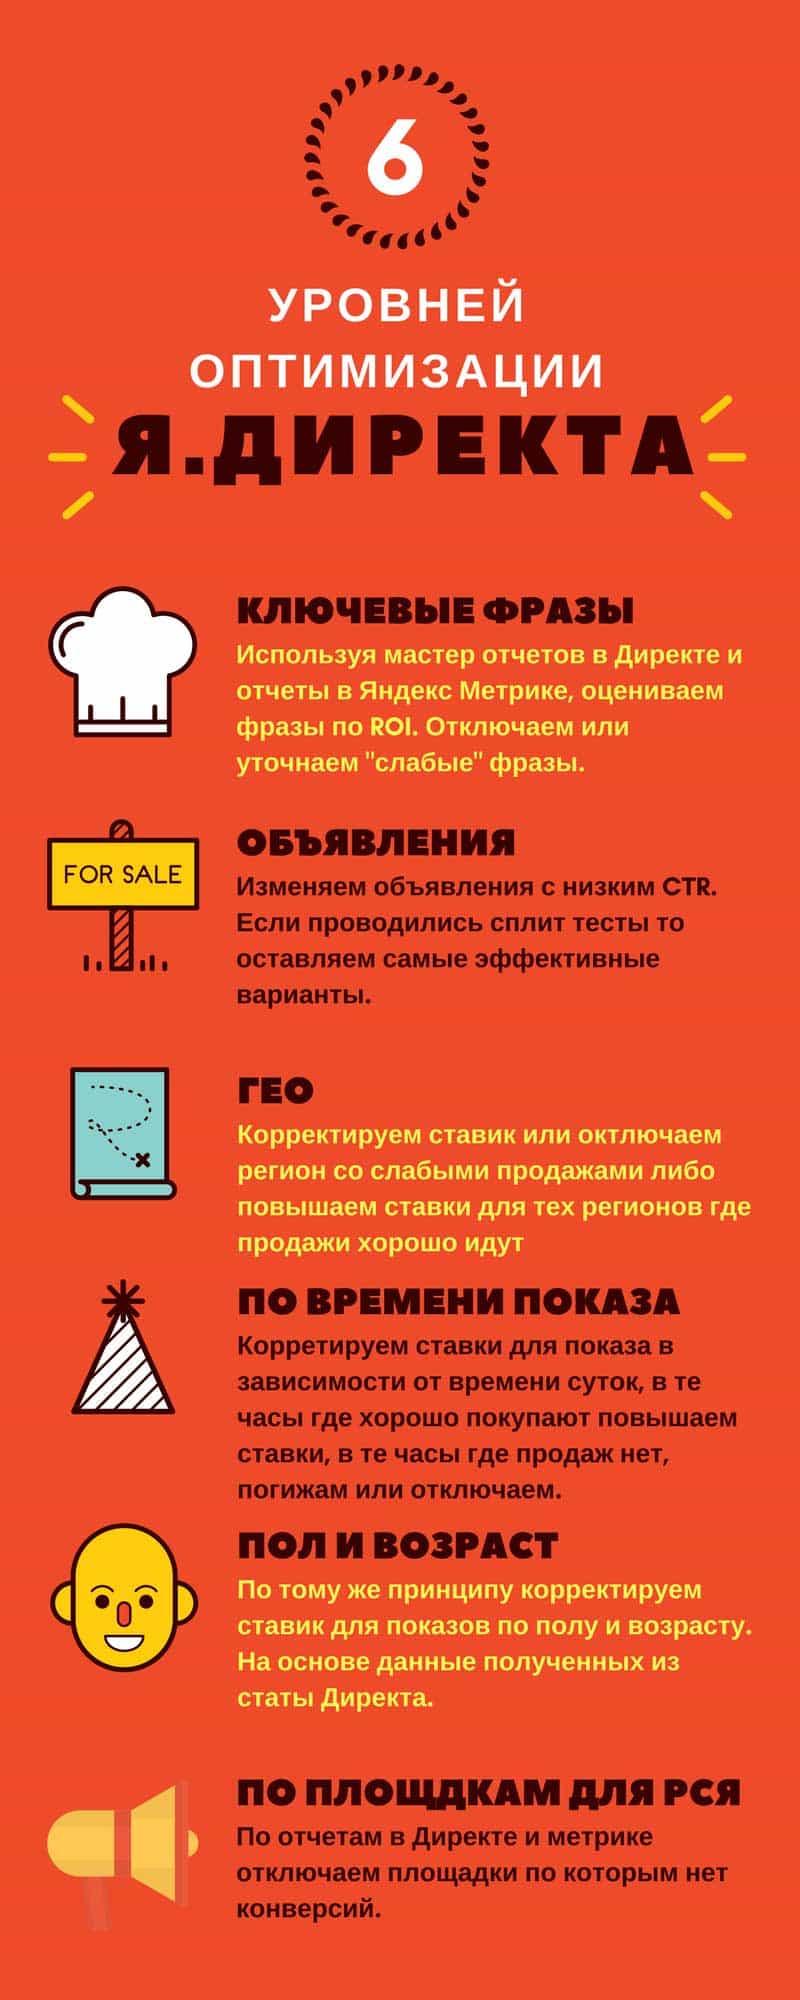 Как оптимизировать рекламу в Яндекс Директ наглядное пособие